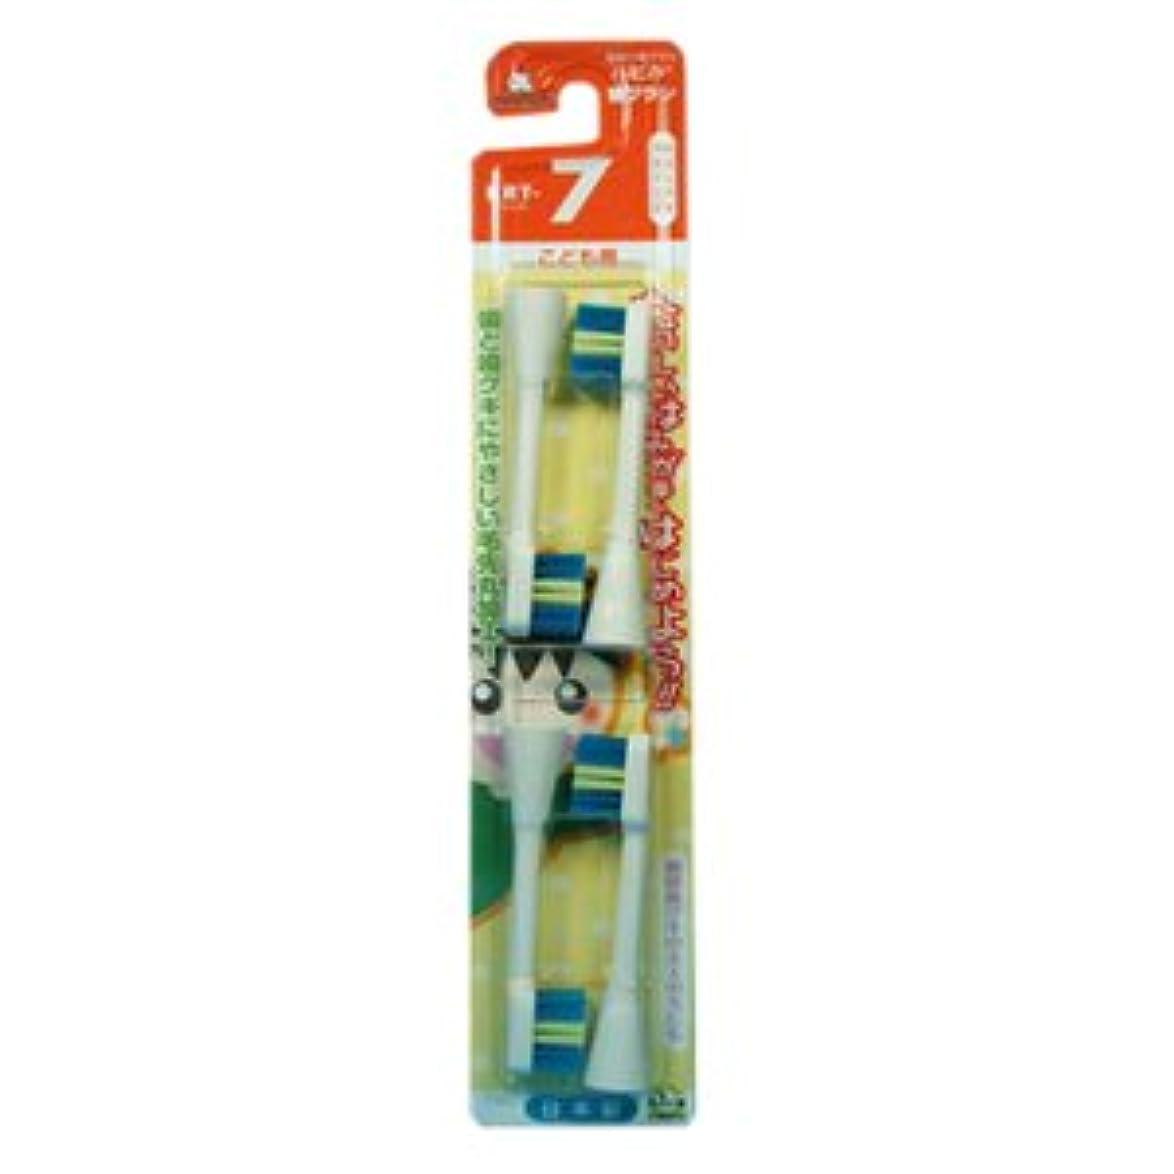 コーン濃度サッカーミニマム 電動付歯ブラシ ハピカ 専用替ブラシ こども用 毛の硬さ:やわらかめ BRT-7 4個入